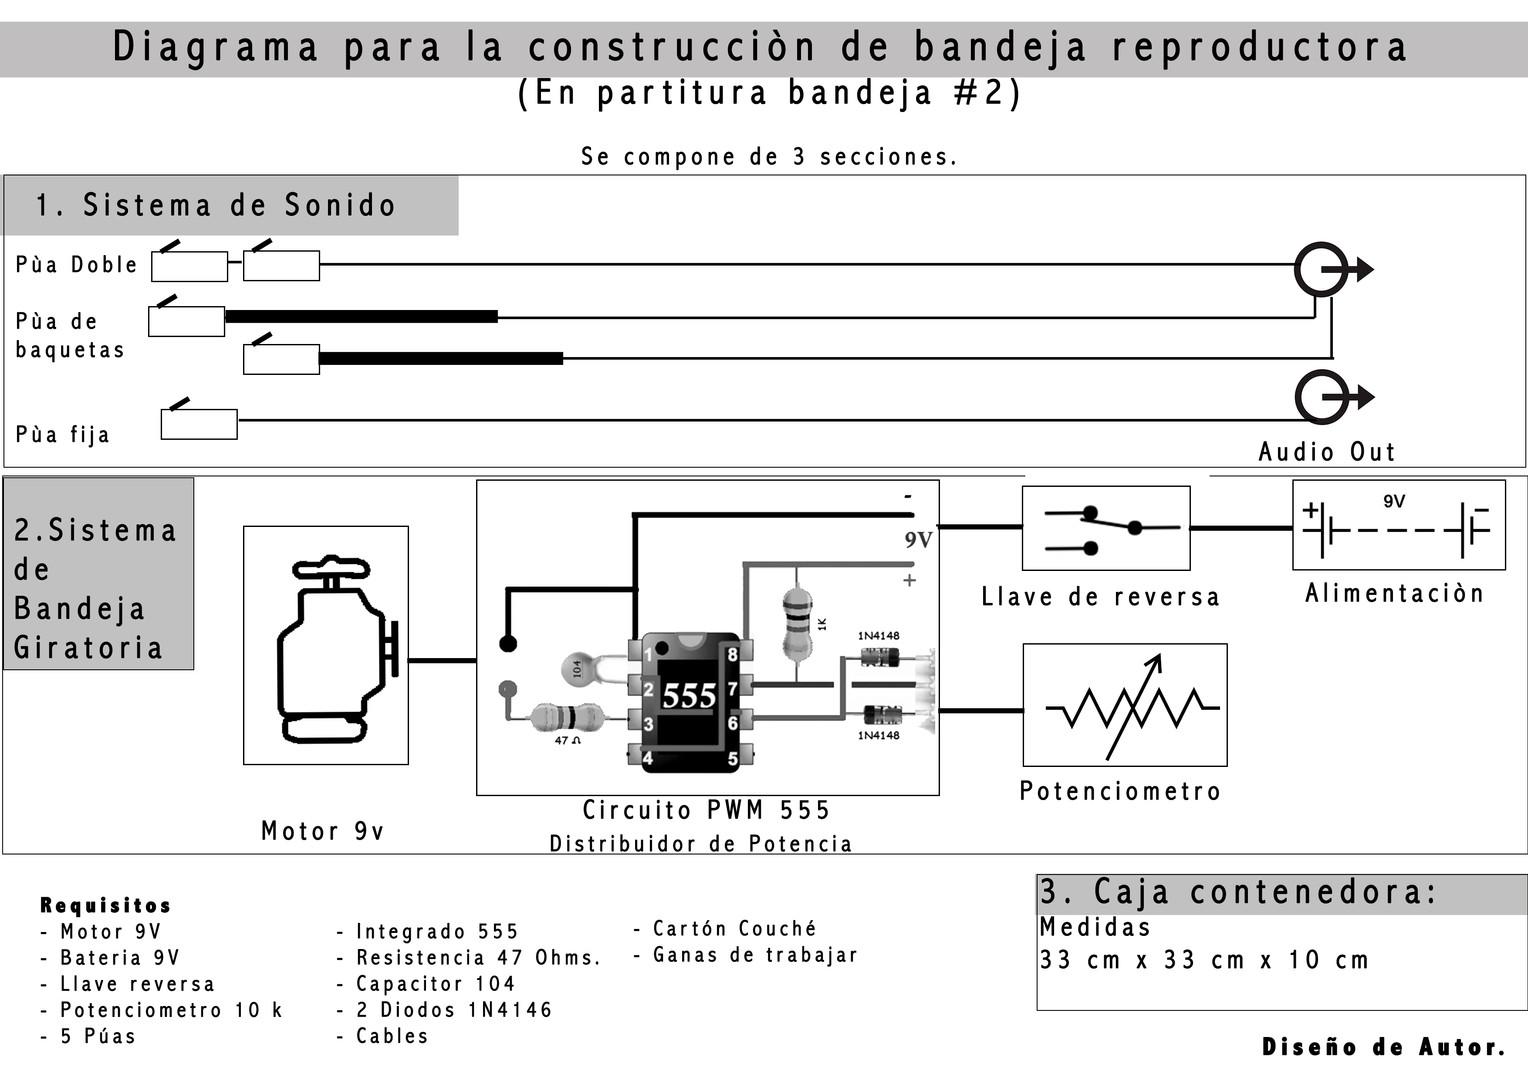 4-Surcando caminos instrucciones 2.jpg